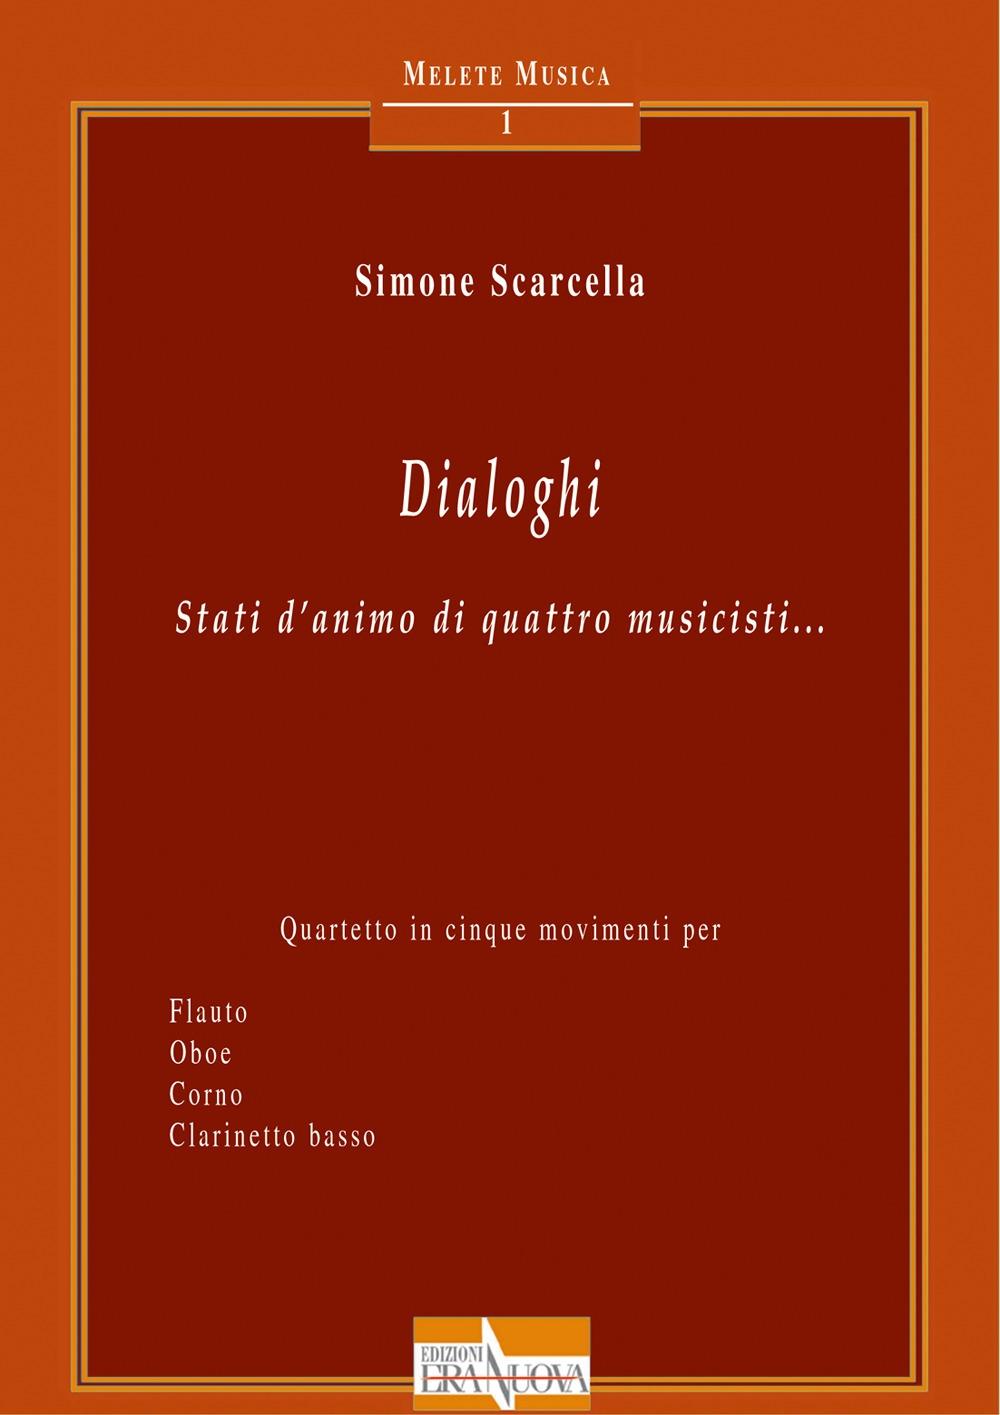 Dialoghi. Stati d'animo di quattro musicisti... Quartetto in cinque movimenti per flauto oboe corno clarinetto basso